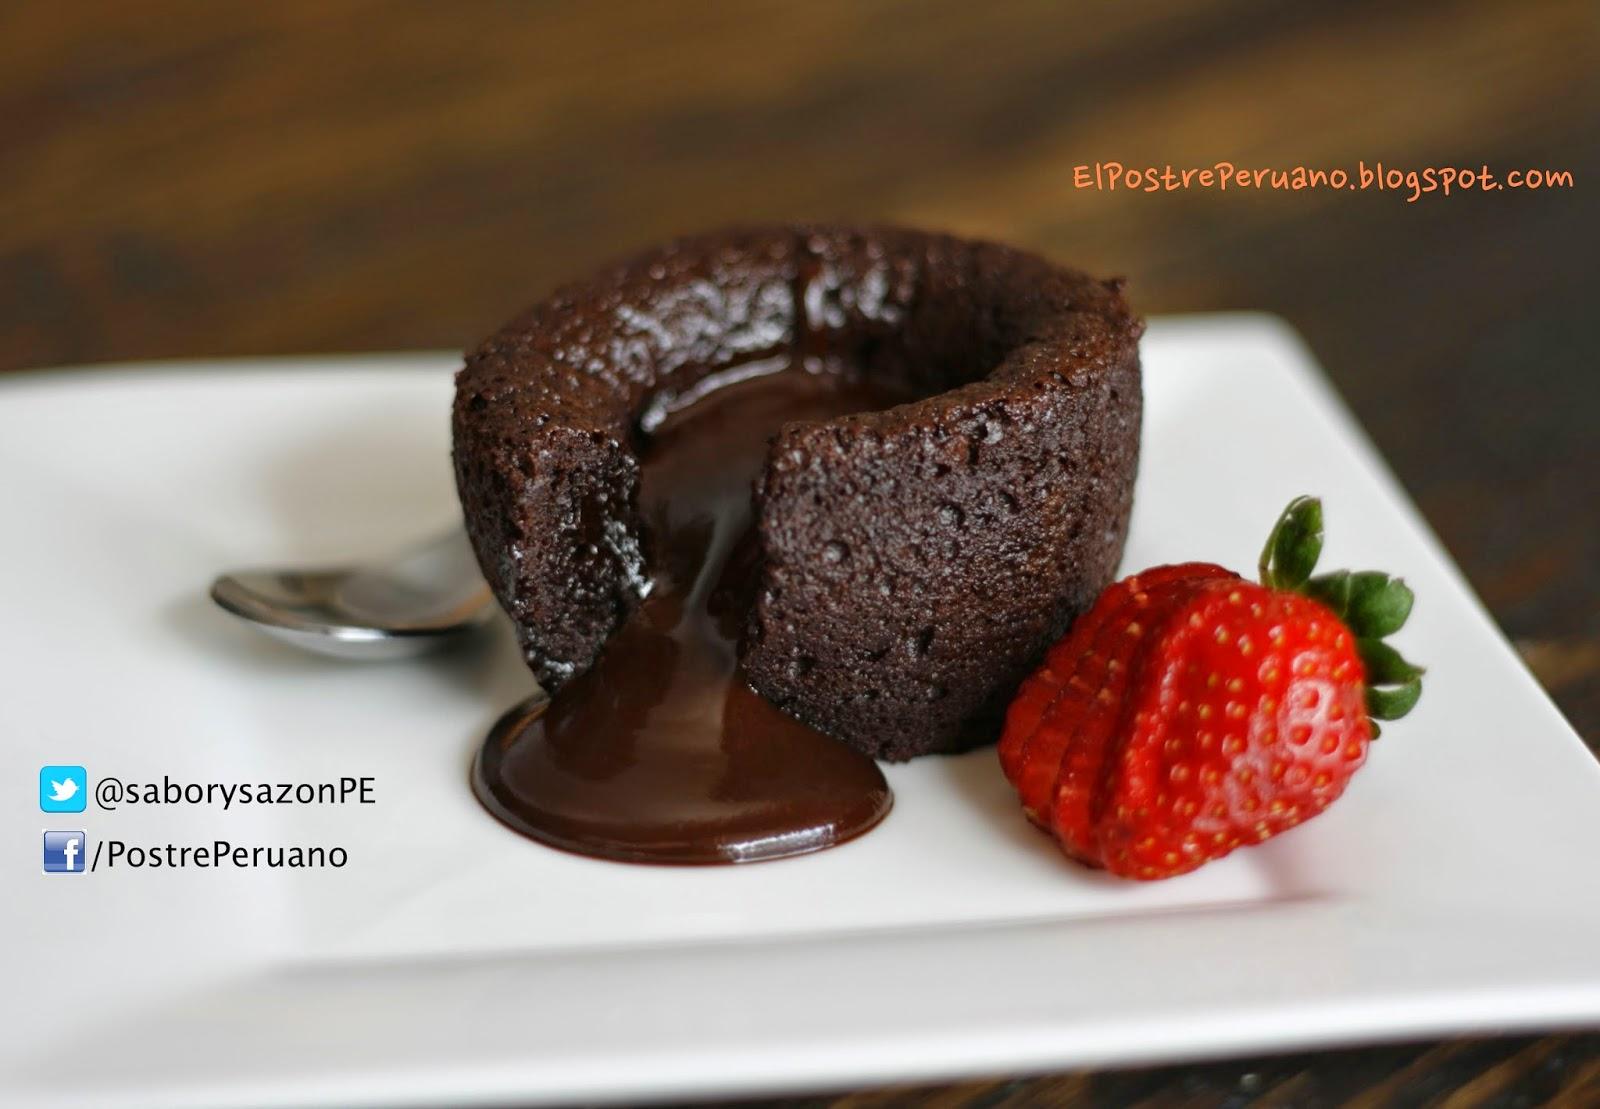 RECETA SENCILLA - SOUFFLE DE CHOCOLATE - Postres con #chocolate - REPOSTERIA PARA LOS ADICTOS AL CHOCOLATE